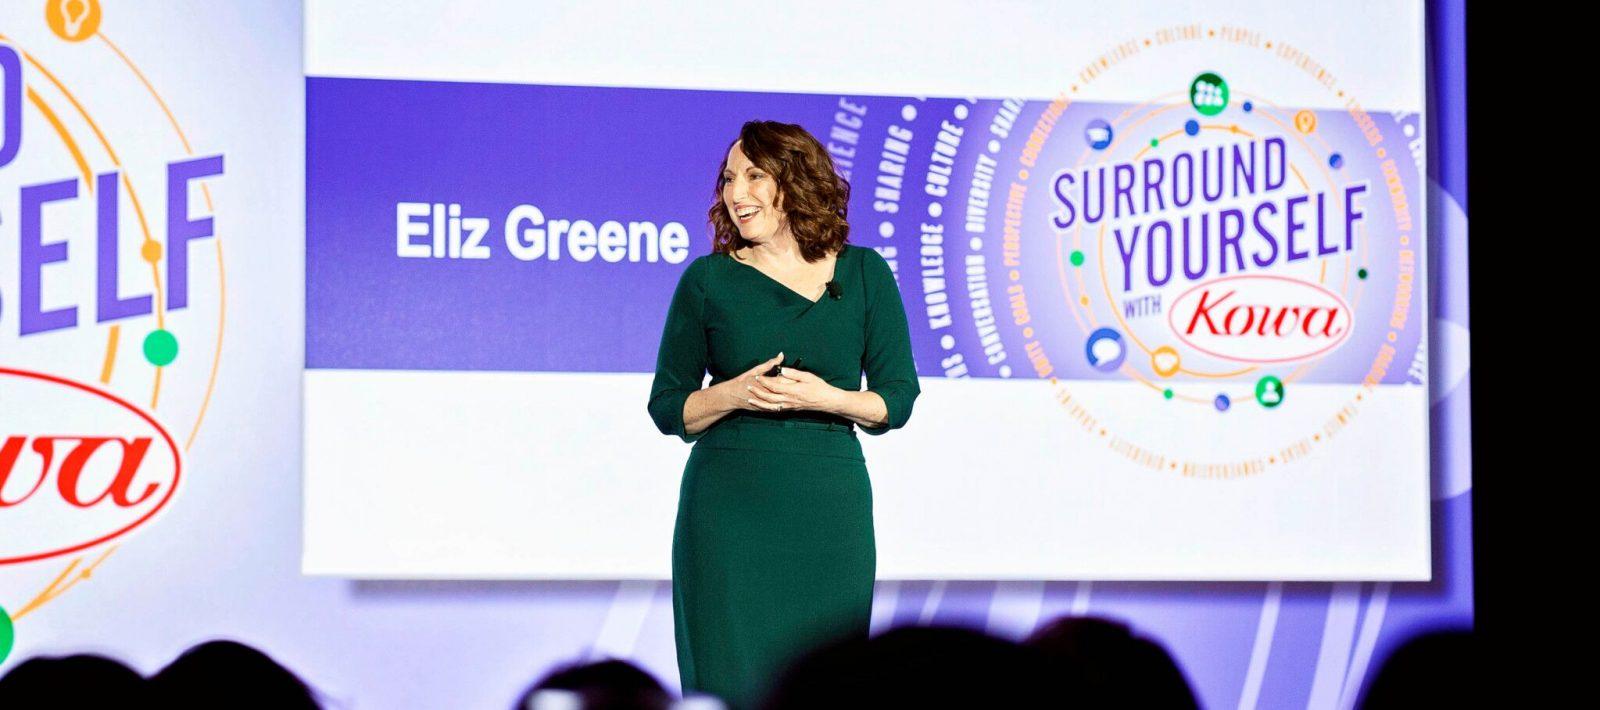 Eliz Greene Leadership Keynote Speaker